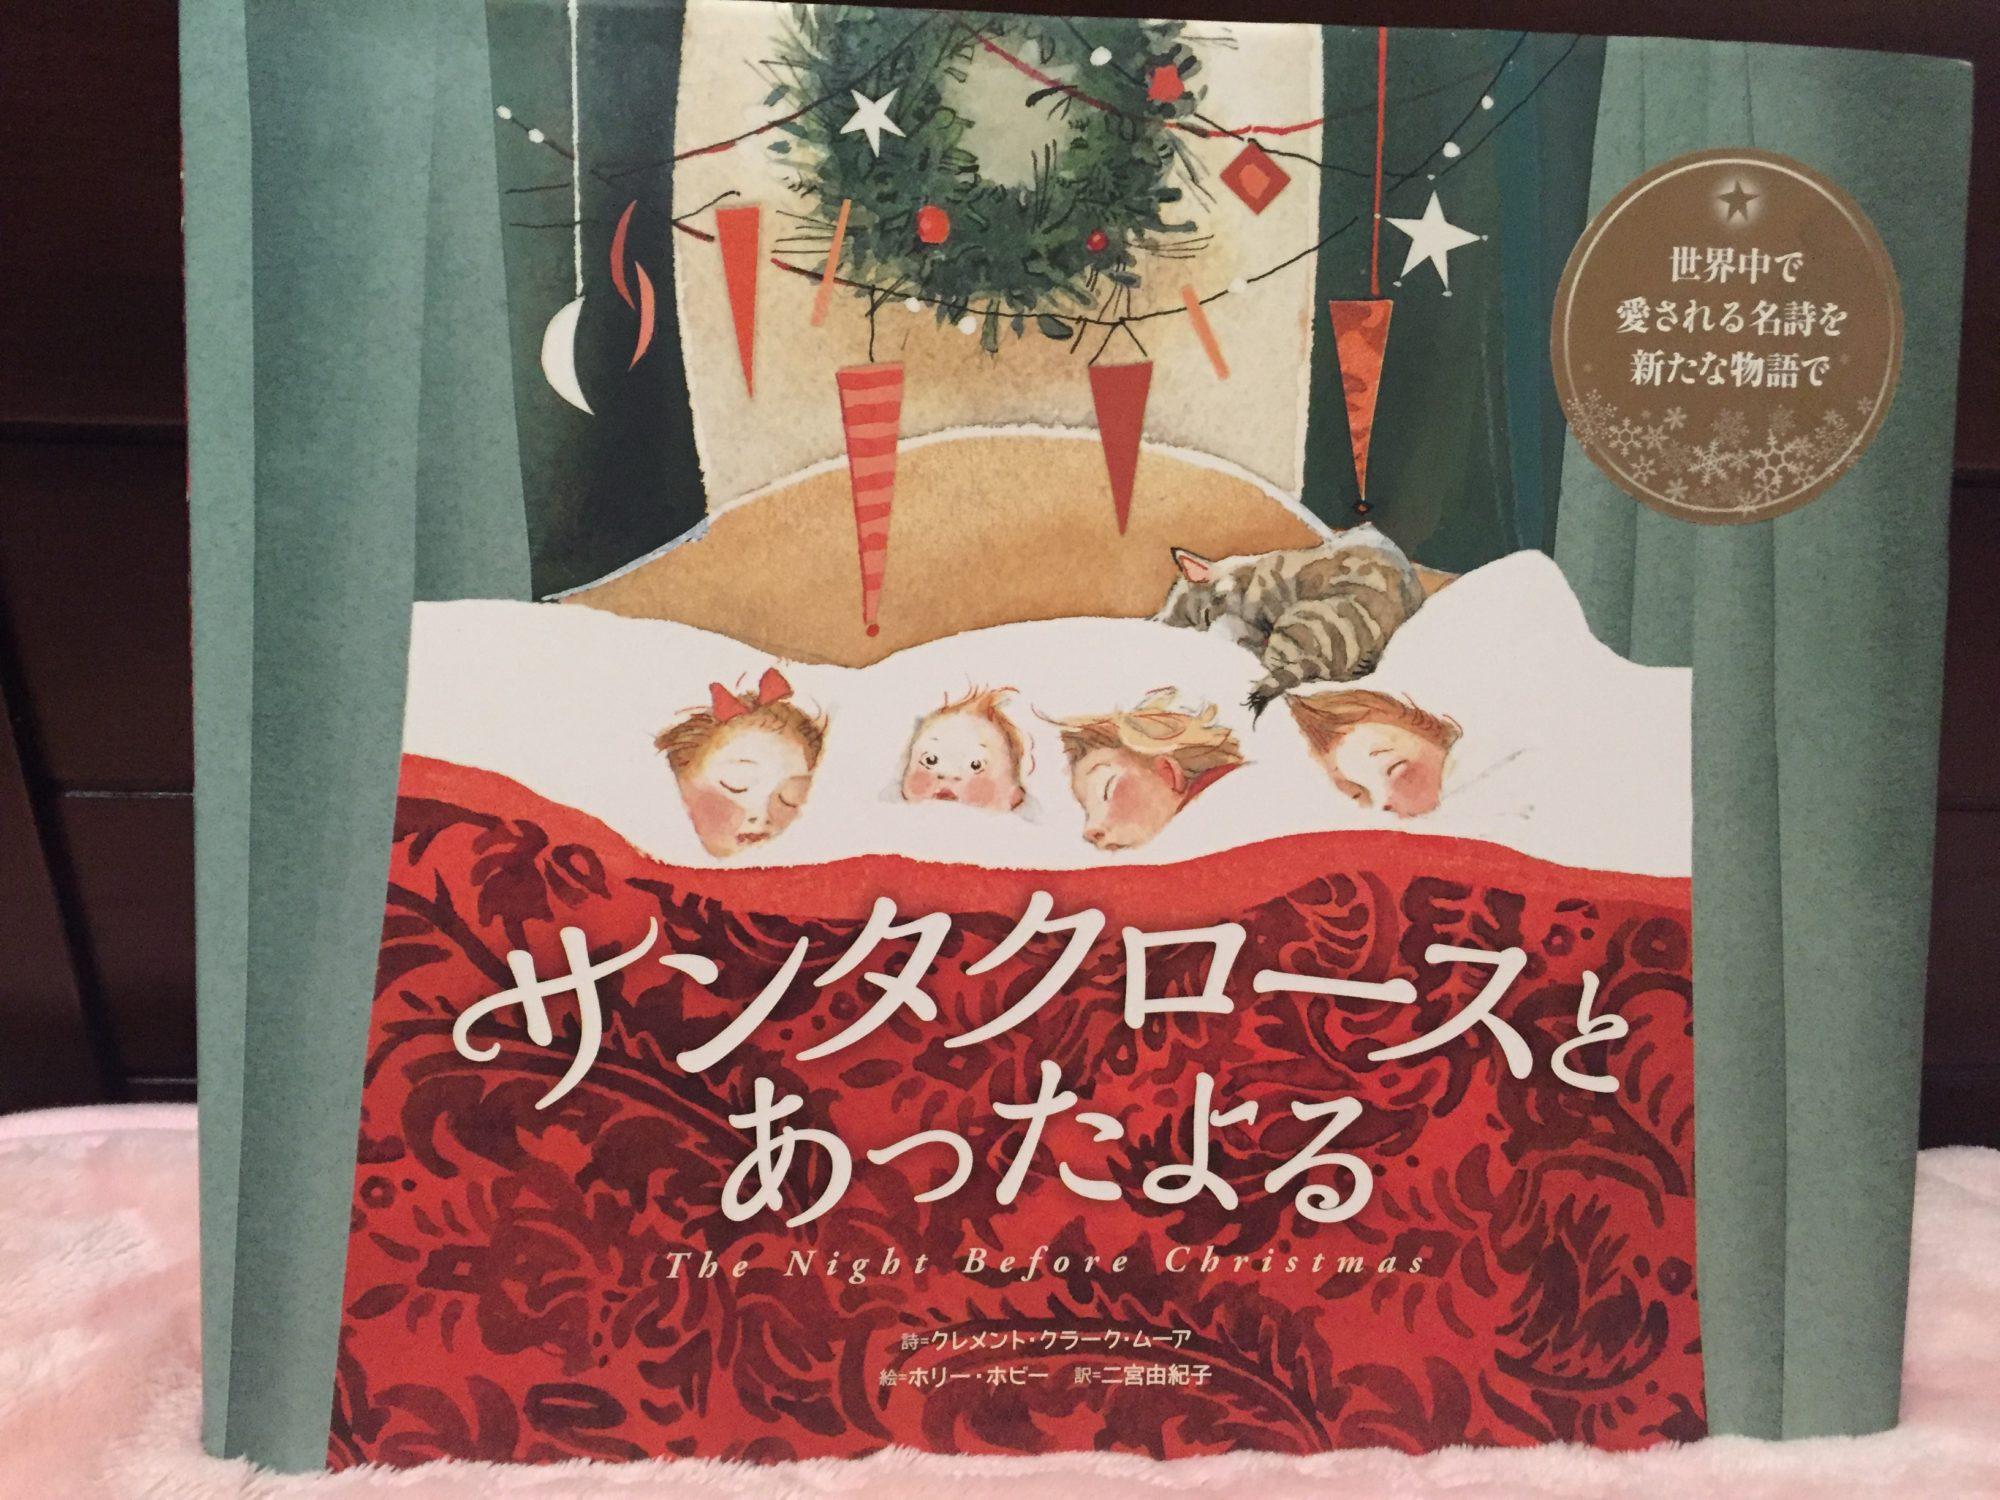 絵本「サンタクロースにあった夜」